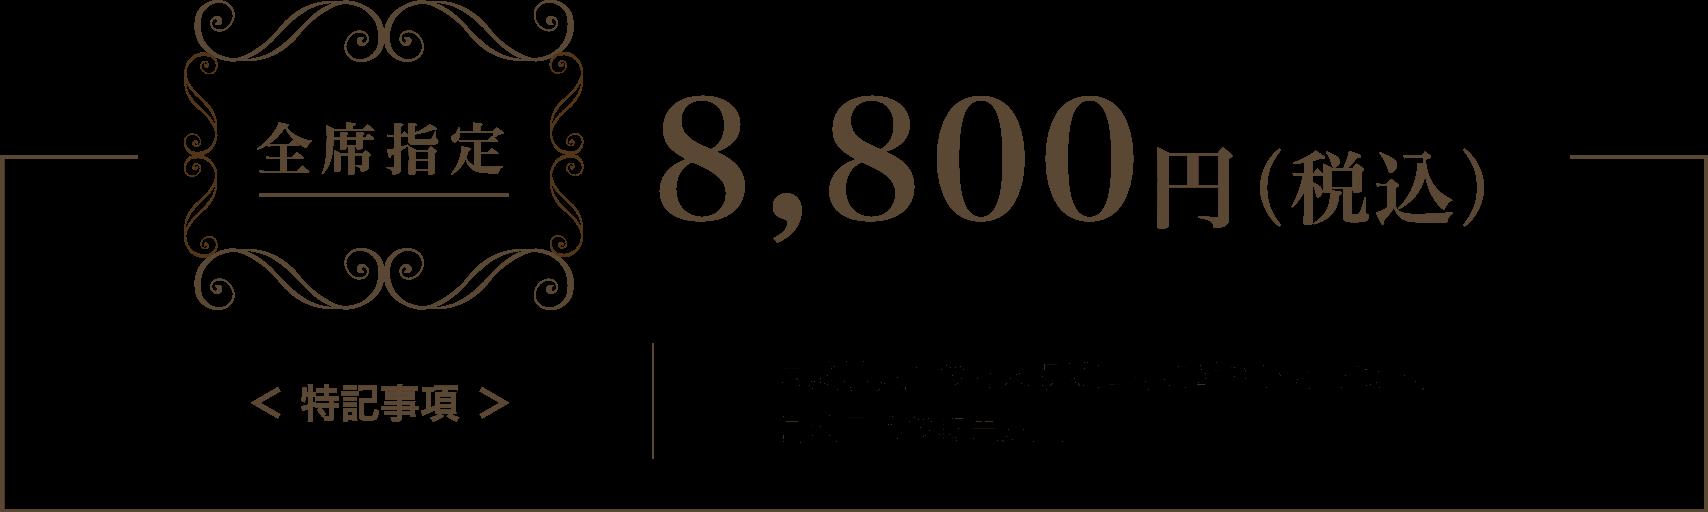 全席指定:8,800円(税込)